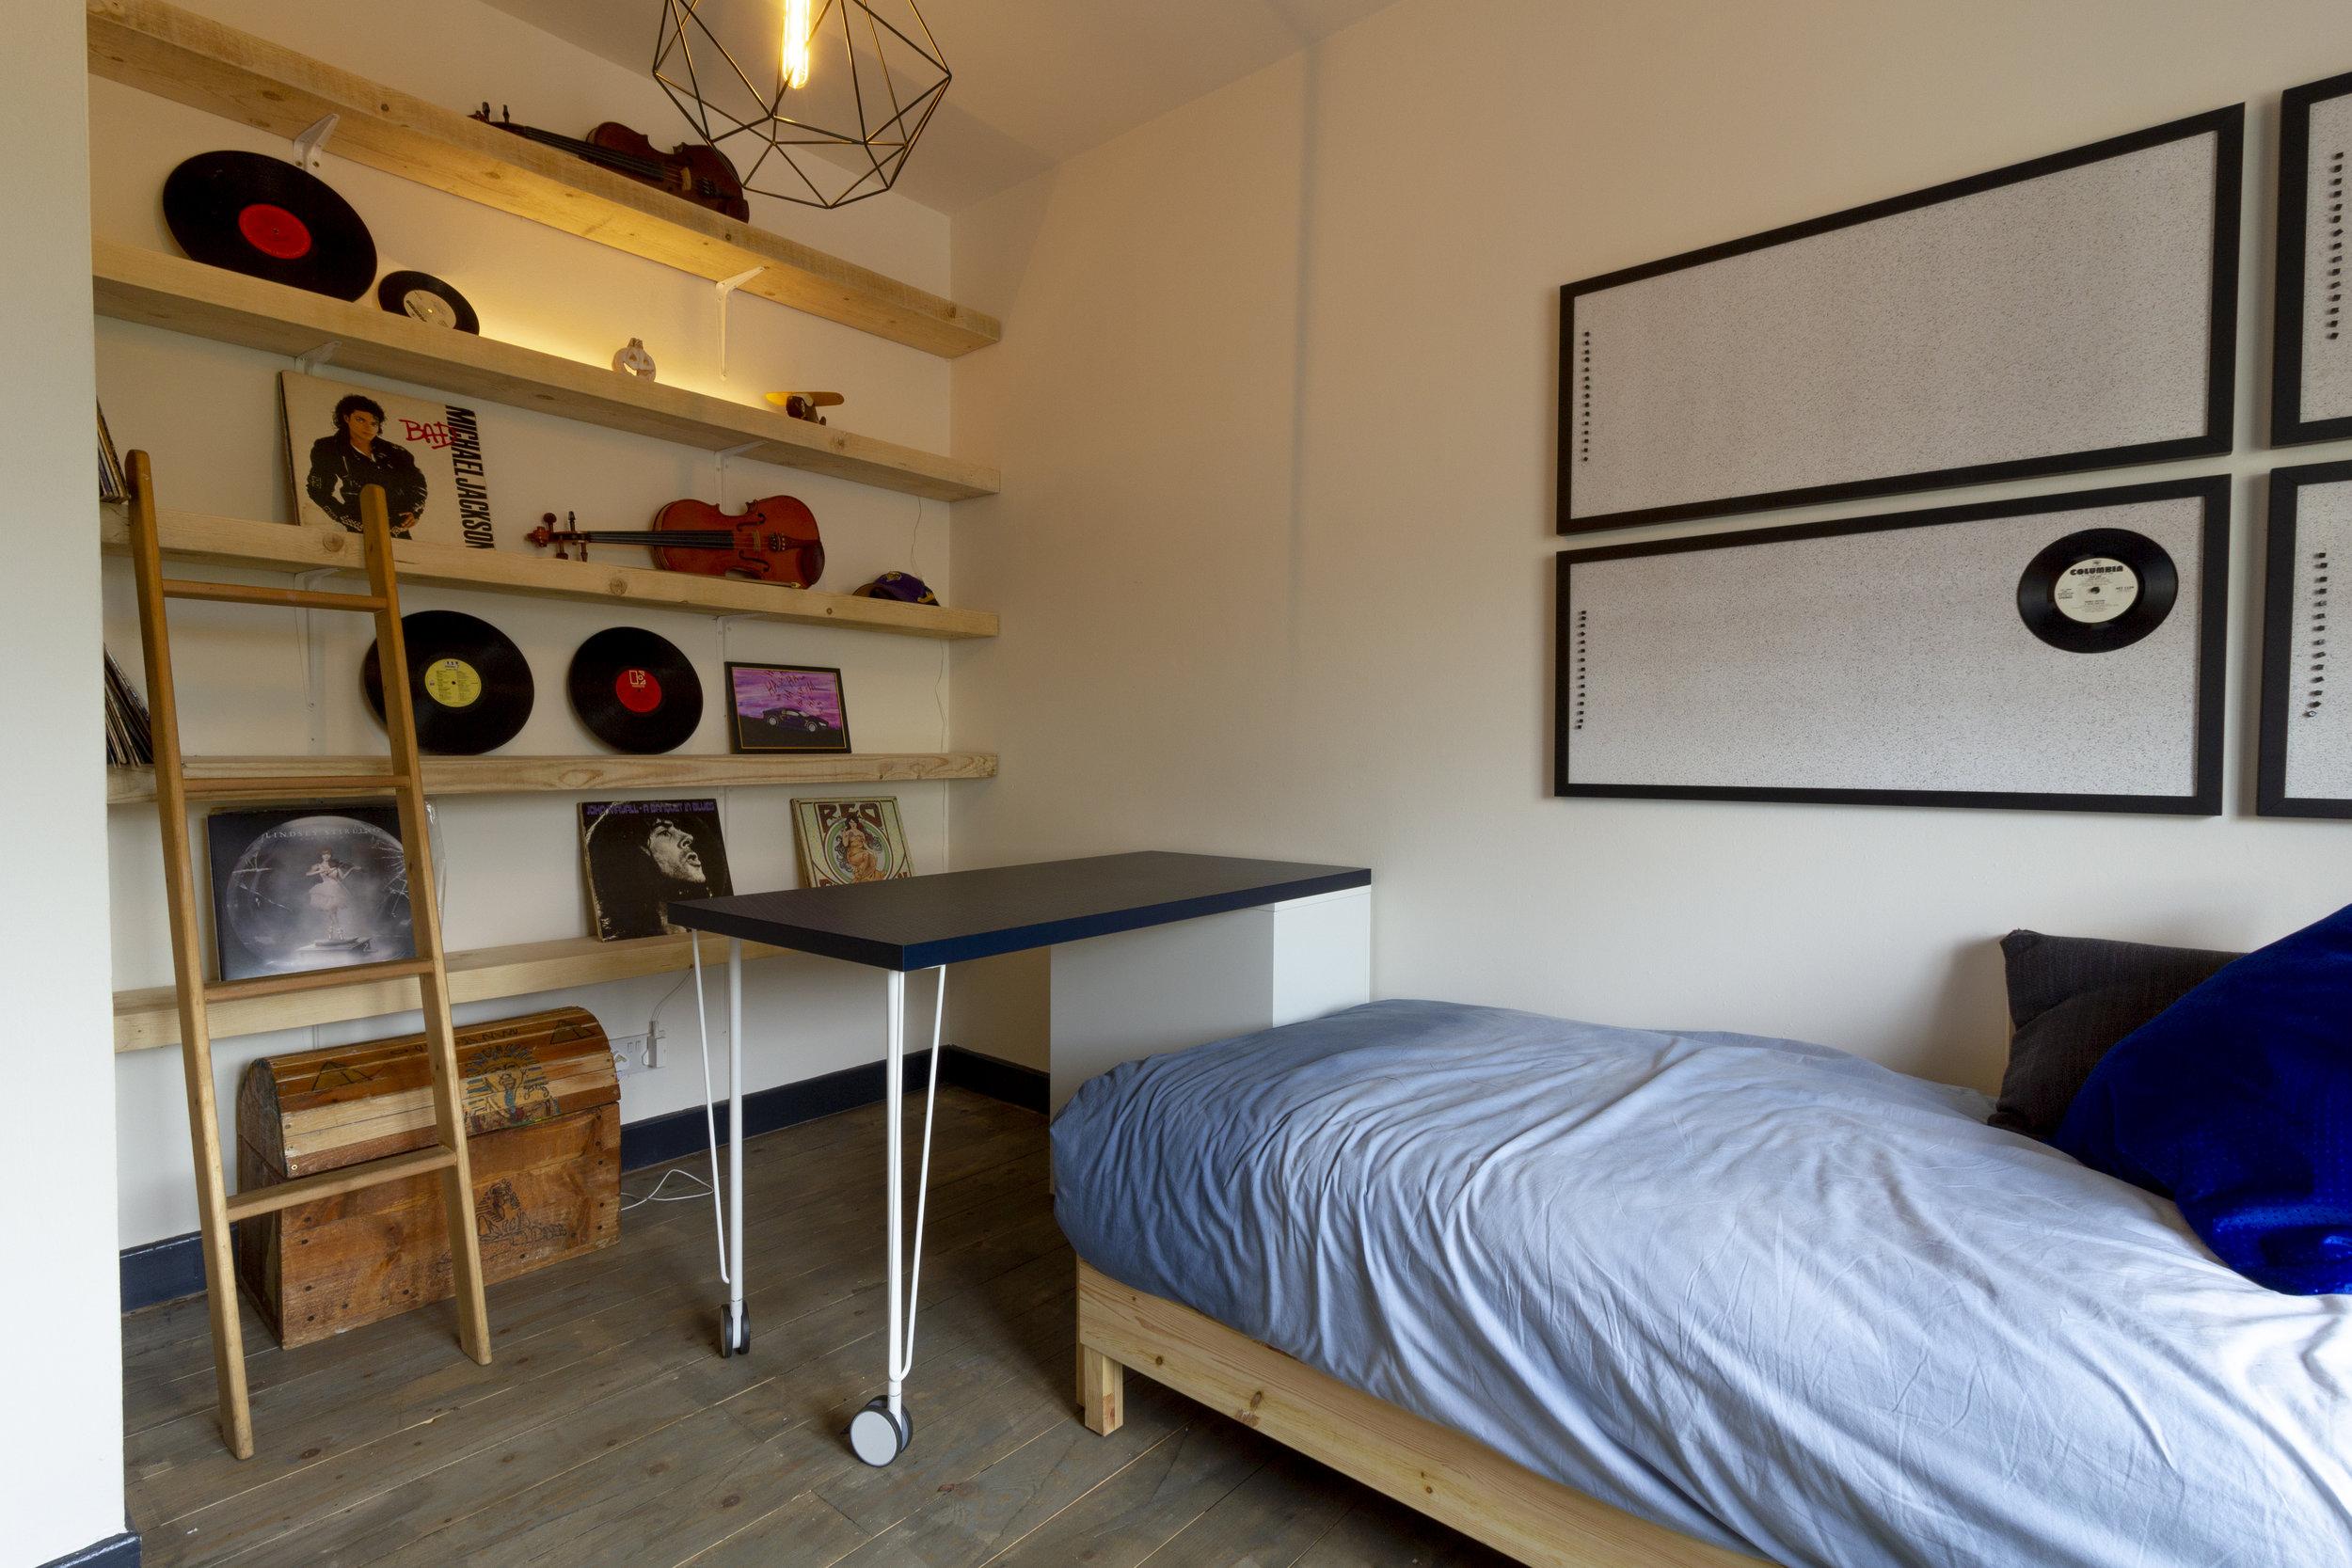 HR - Laytown - After - Bedroom 3.jpg